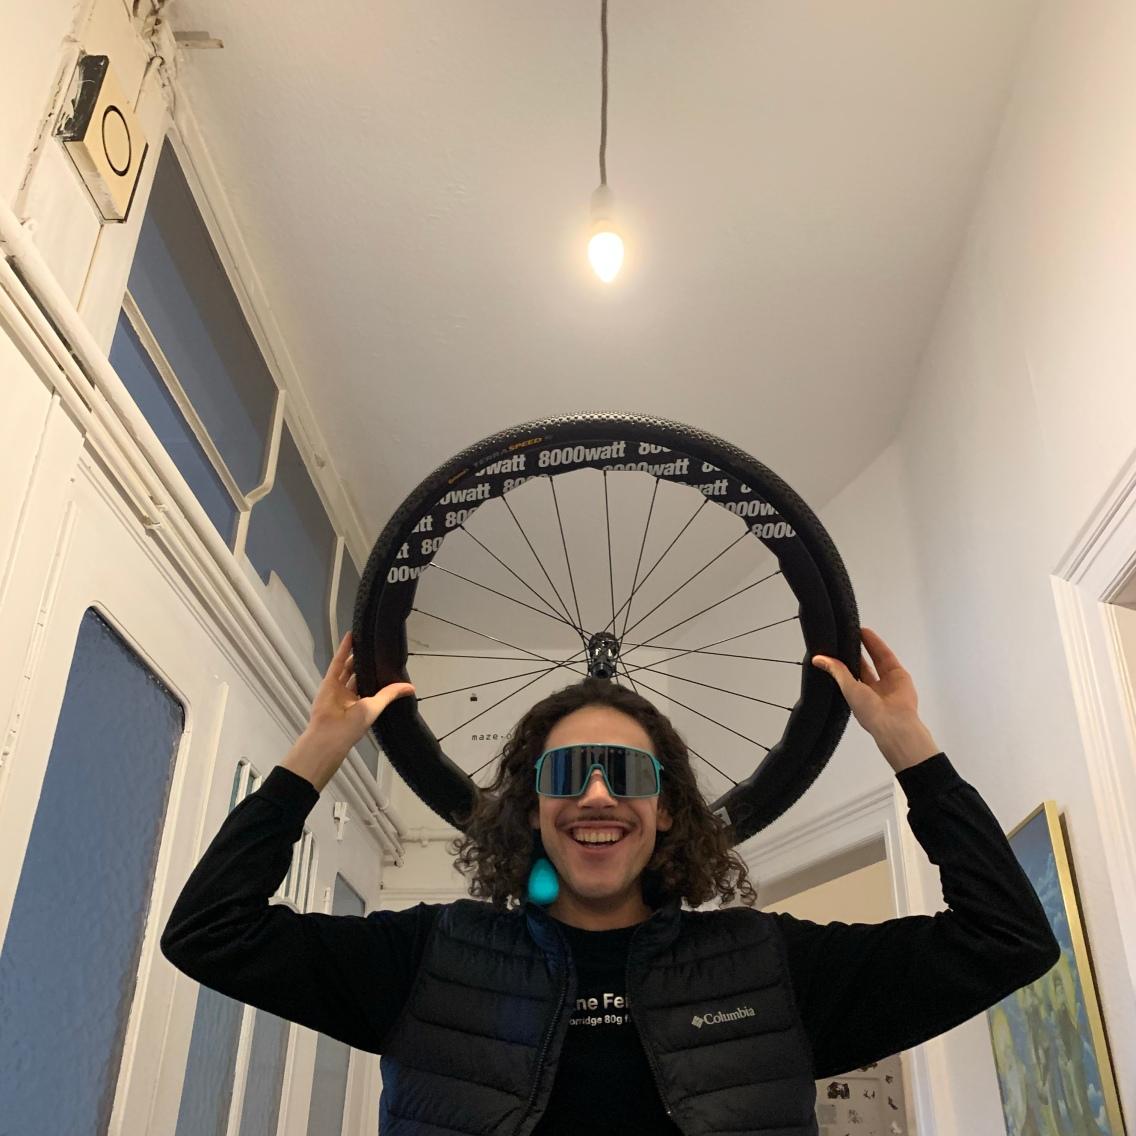 Julien mit Heiligen-Schein! Er hat seinen Holy-8000-Facefilter von Instagram in die Realität geholt, der ganz nebenbei aus seiner eigenen Felge der Firma Bergkönig besteht ;-)